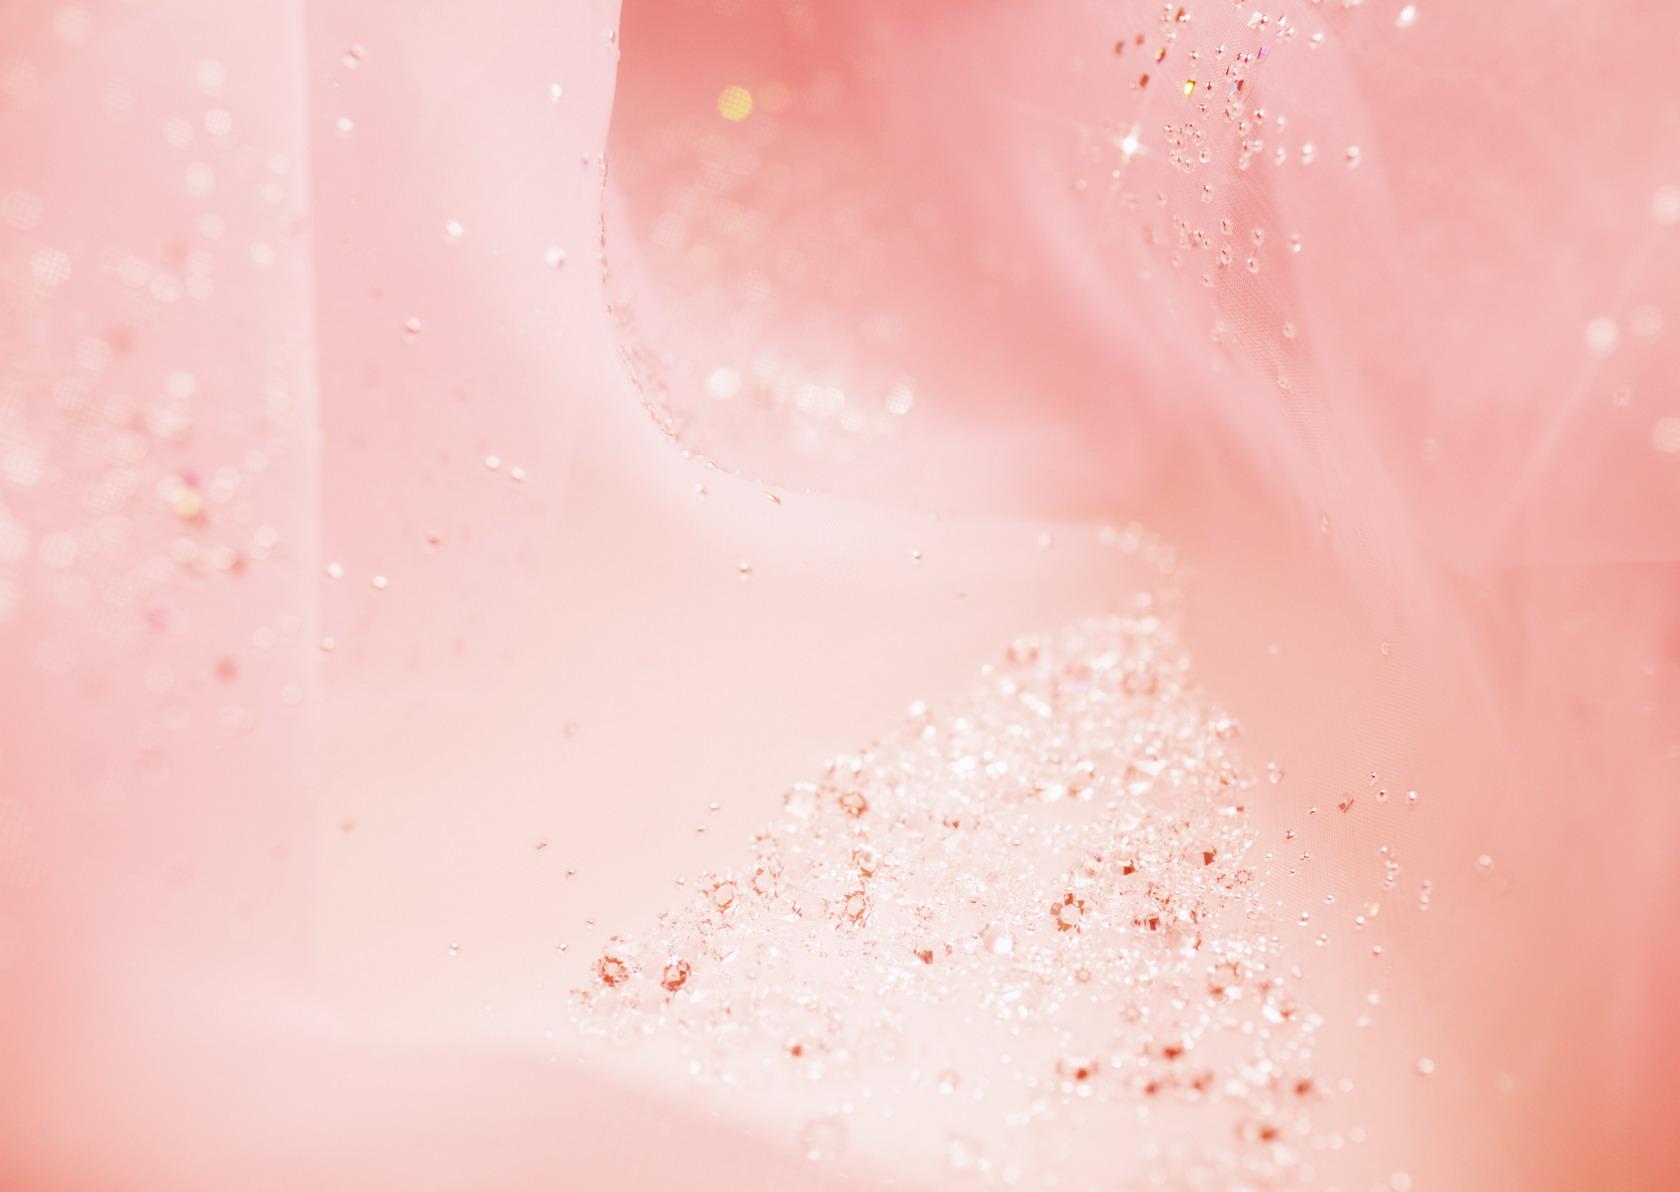 Цветы и драгоценности (обои 1680x1192)